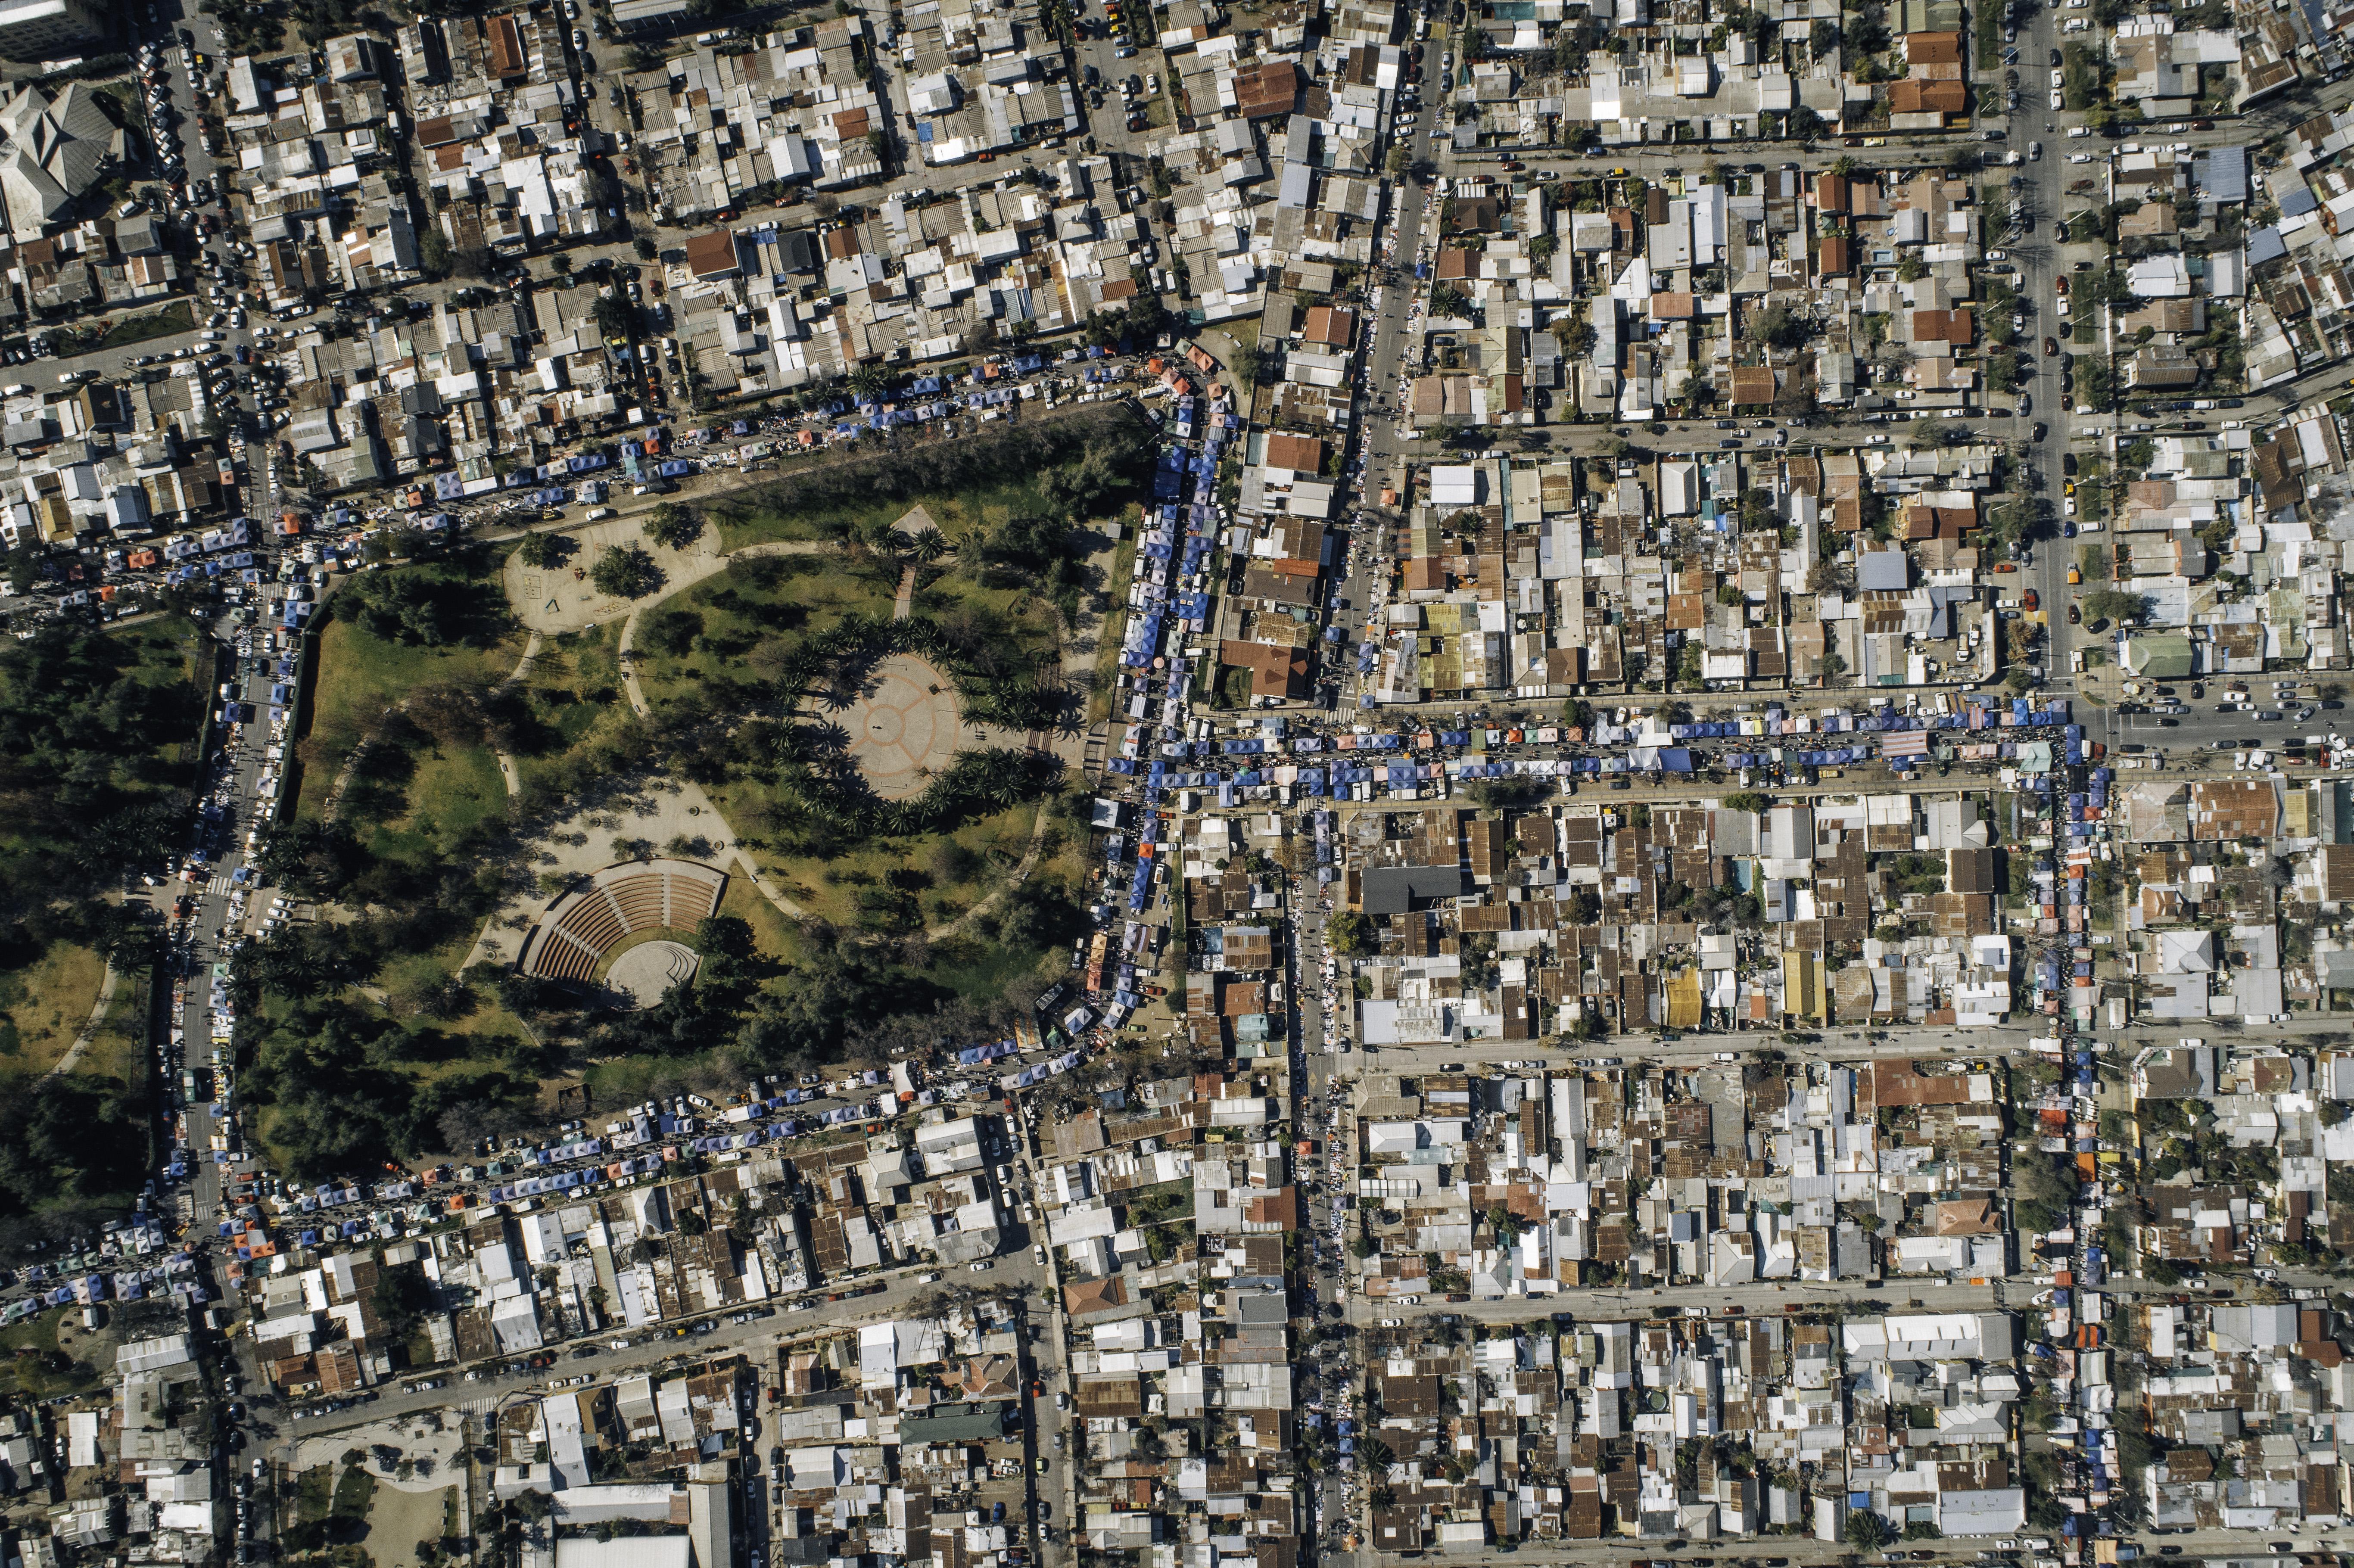 Varias cuadras más allá de los contornos del parque se extiende la feria, una de las más grandes de Santiago.